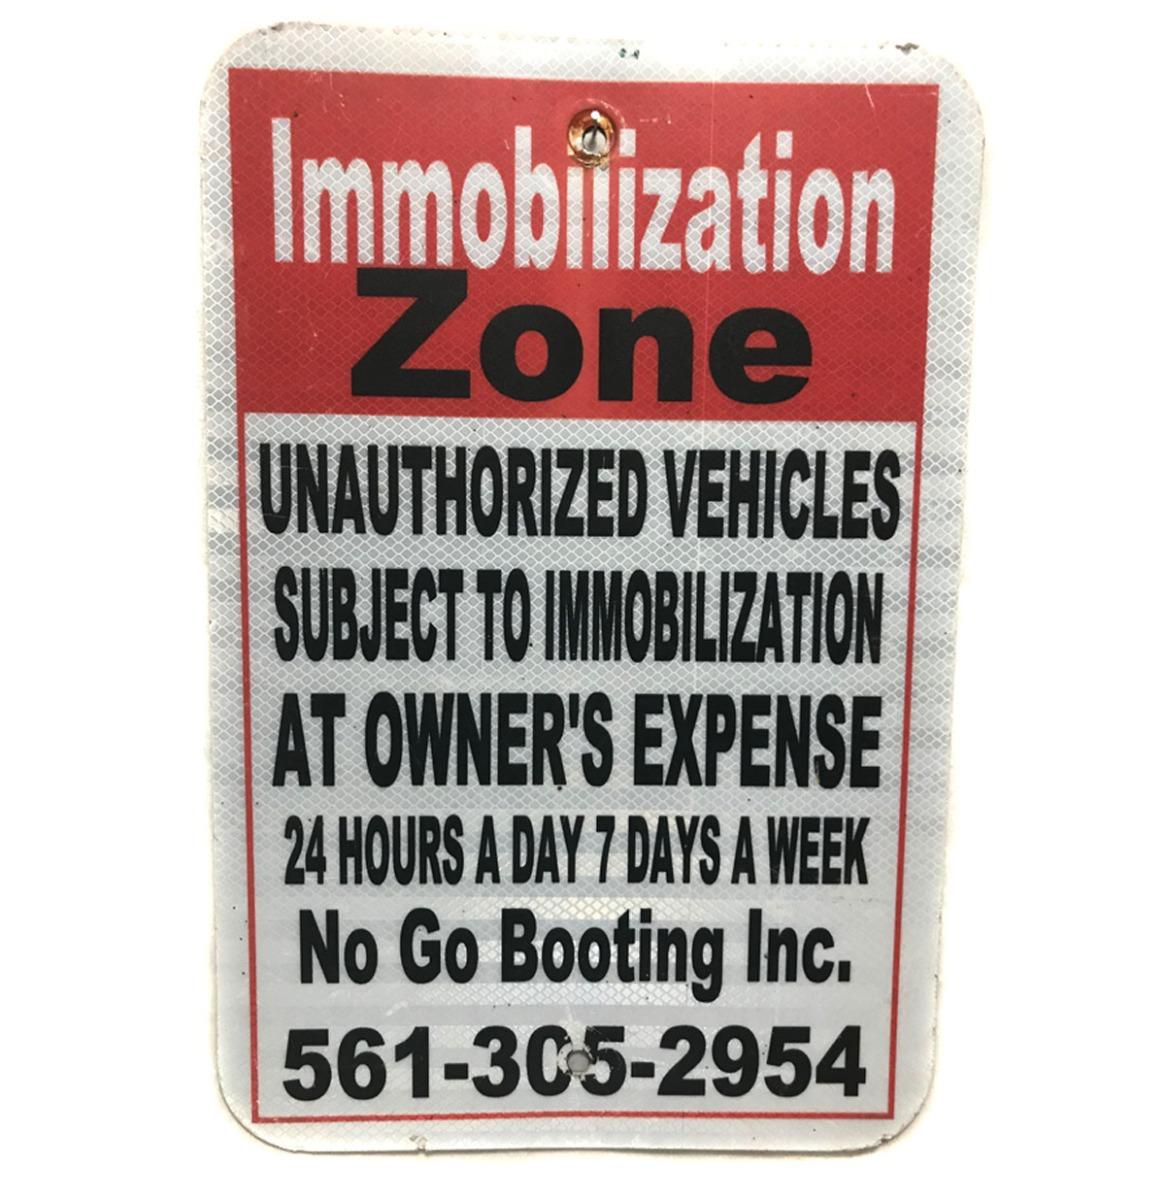 Immobilization Zone Metalen Straatbord - Origineel - 46 x 31 cm